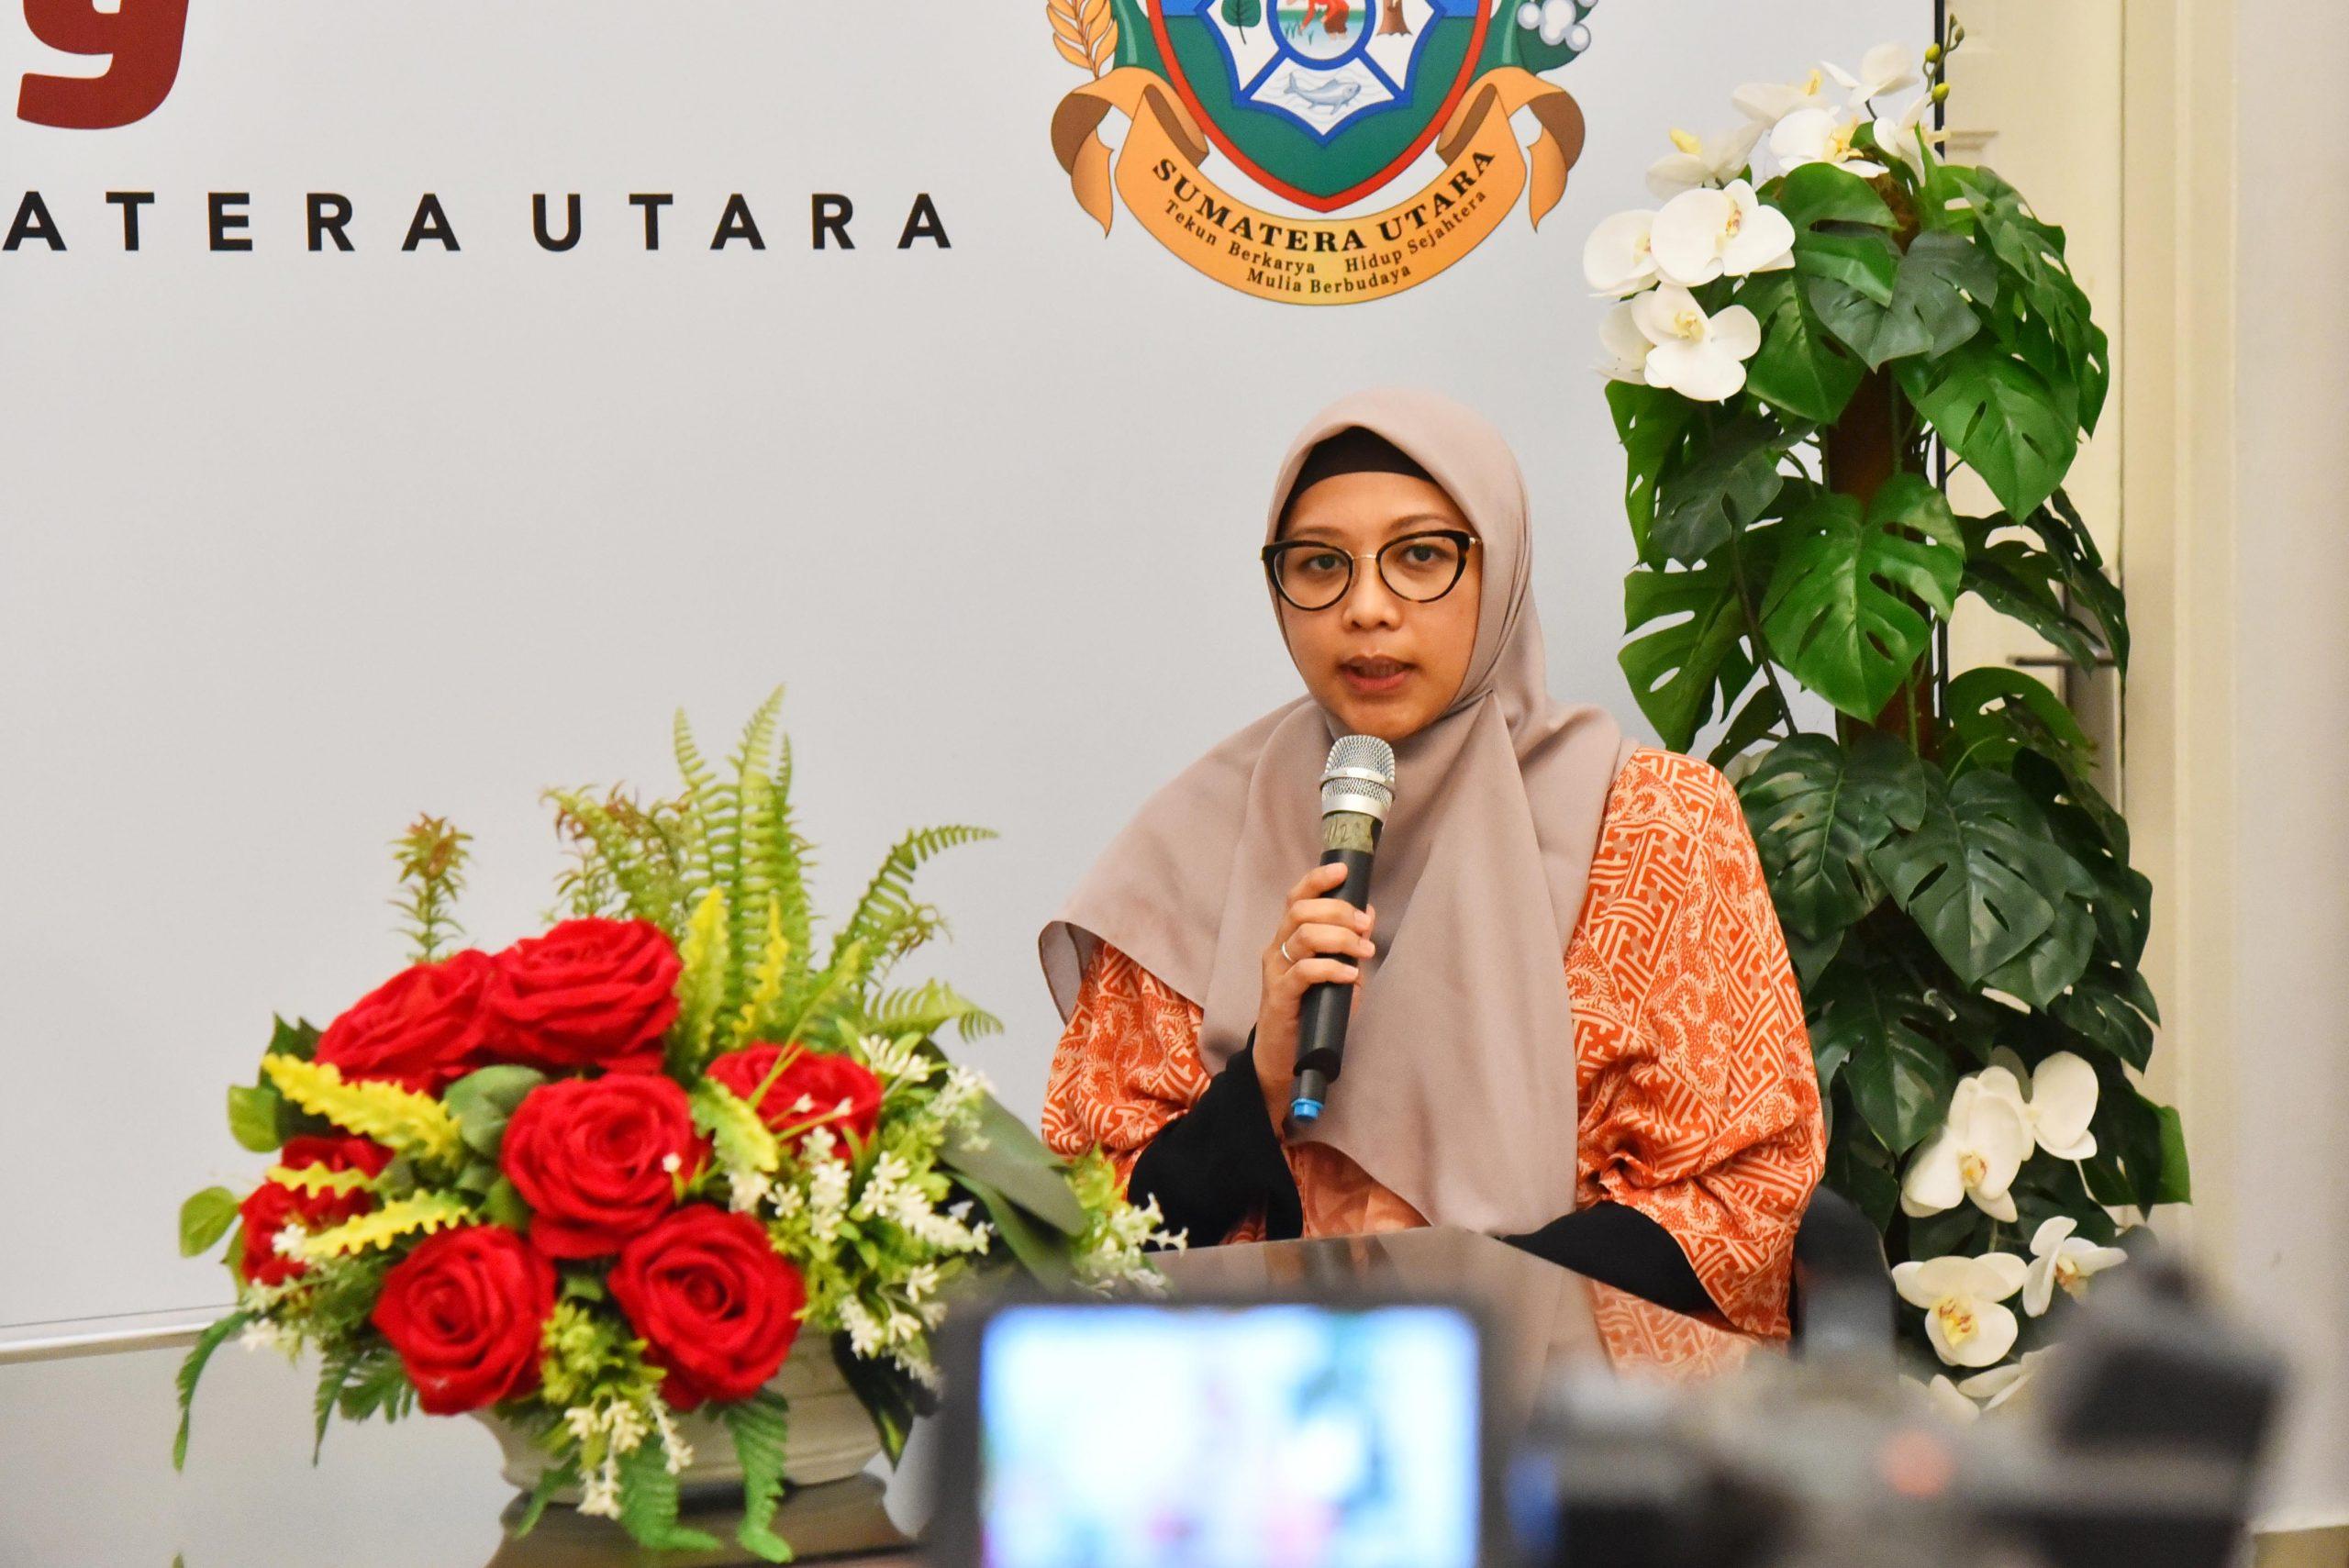 Juru Bicara Gugus Tugas Percepatan Penanganan (GTPP) Covid-19 Provinsi Sumatera Utara (Sumut) Whiko Irwan melakukan TalkShow bersama dr. Dewi Indah Sari Siregar, M. Ked (ClinPath), Sp.PK Ketua Tim Lab Pemeriksa Covid-19 RS USU, Direktur Adm. Umum, SDM & Keu RS USU, Kamis (7/5/2020).